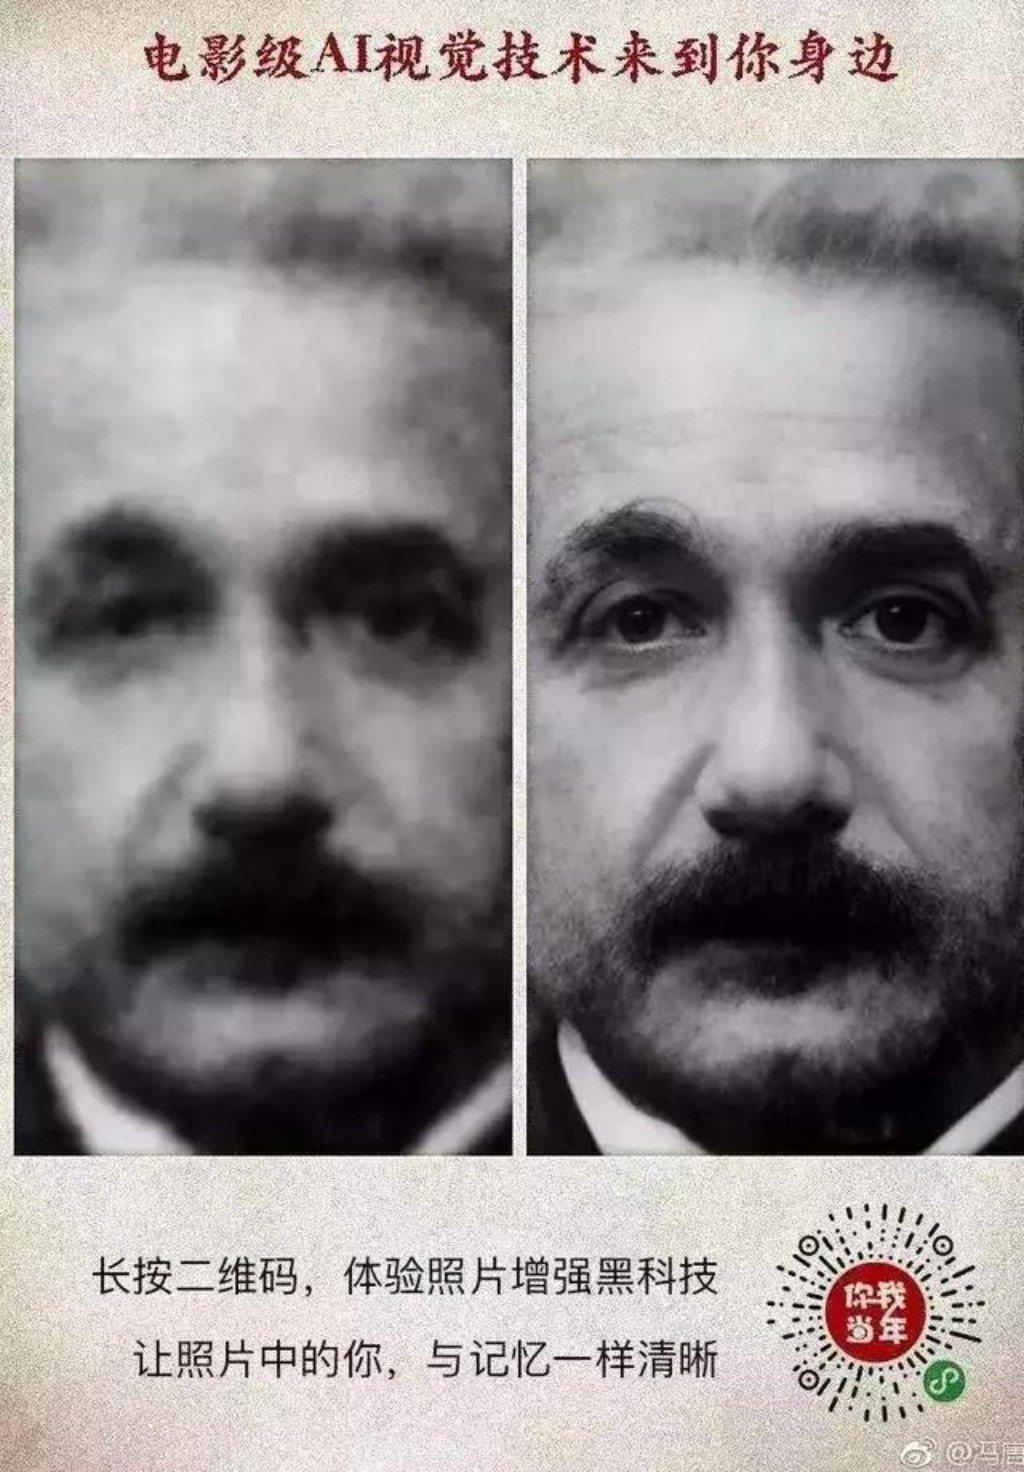 作家馮唐發一條微博,放一張優化前後的愛因斯坦的對比圖。 圖/摘自微博